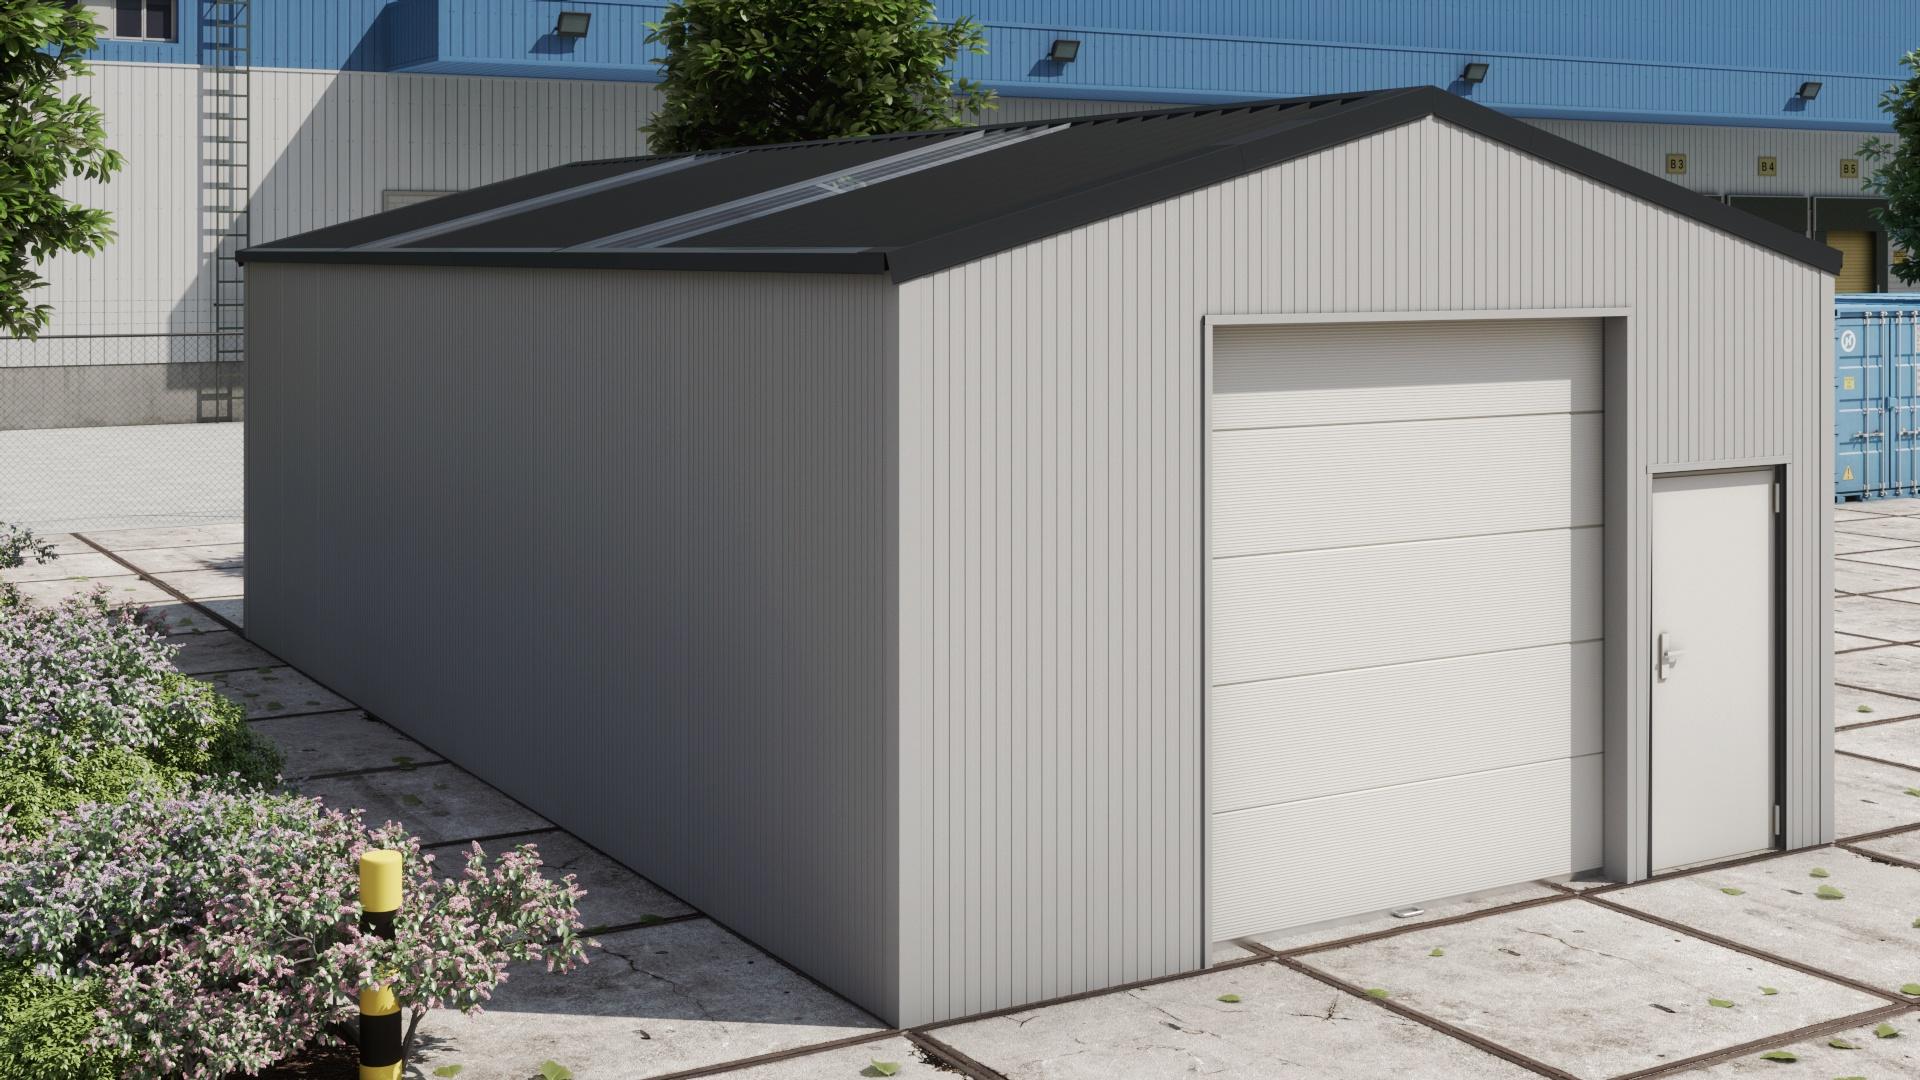 Comment Isoler Son Garage Moindre Cout hangar de stockage h612 isolé